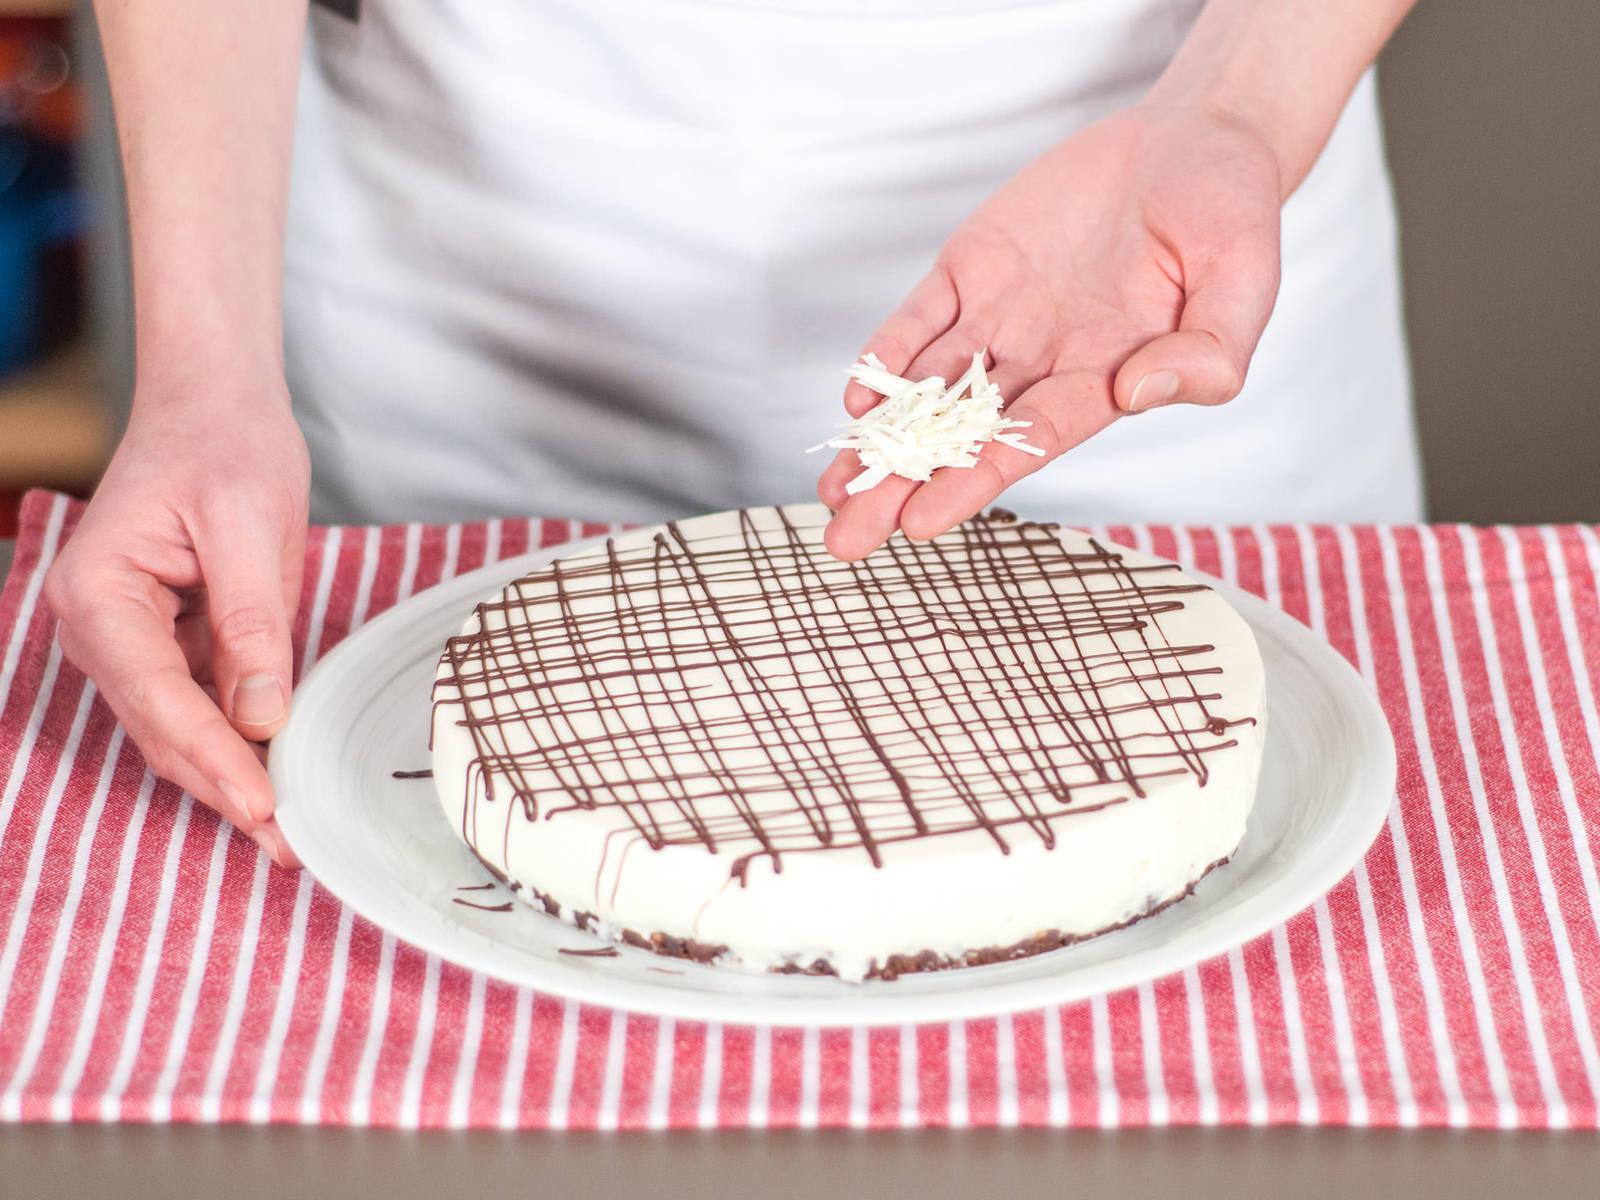 Vor dem Servieren, Kuchen mit geschmolzener Zartbitterschokolade und geraspelter weißer Schokolade dekorieren. Mit einer Tasse Kaffee oder Tee genießen!